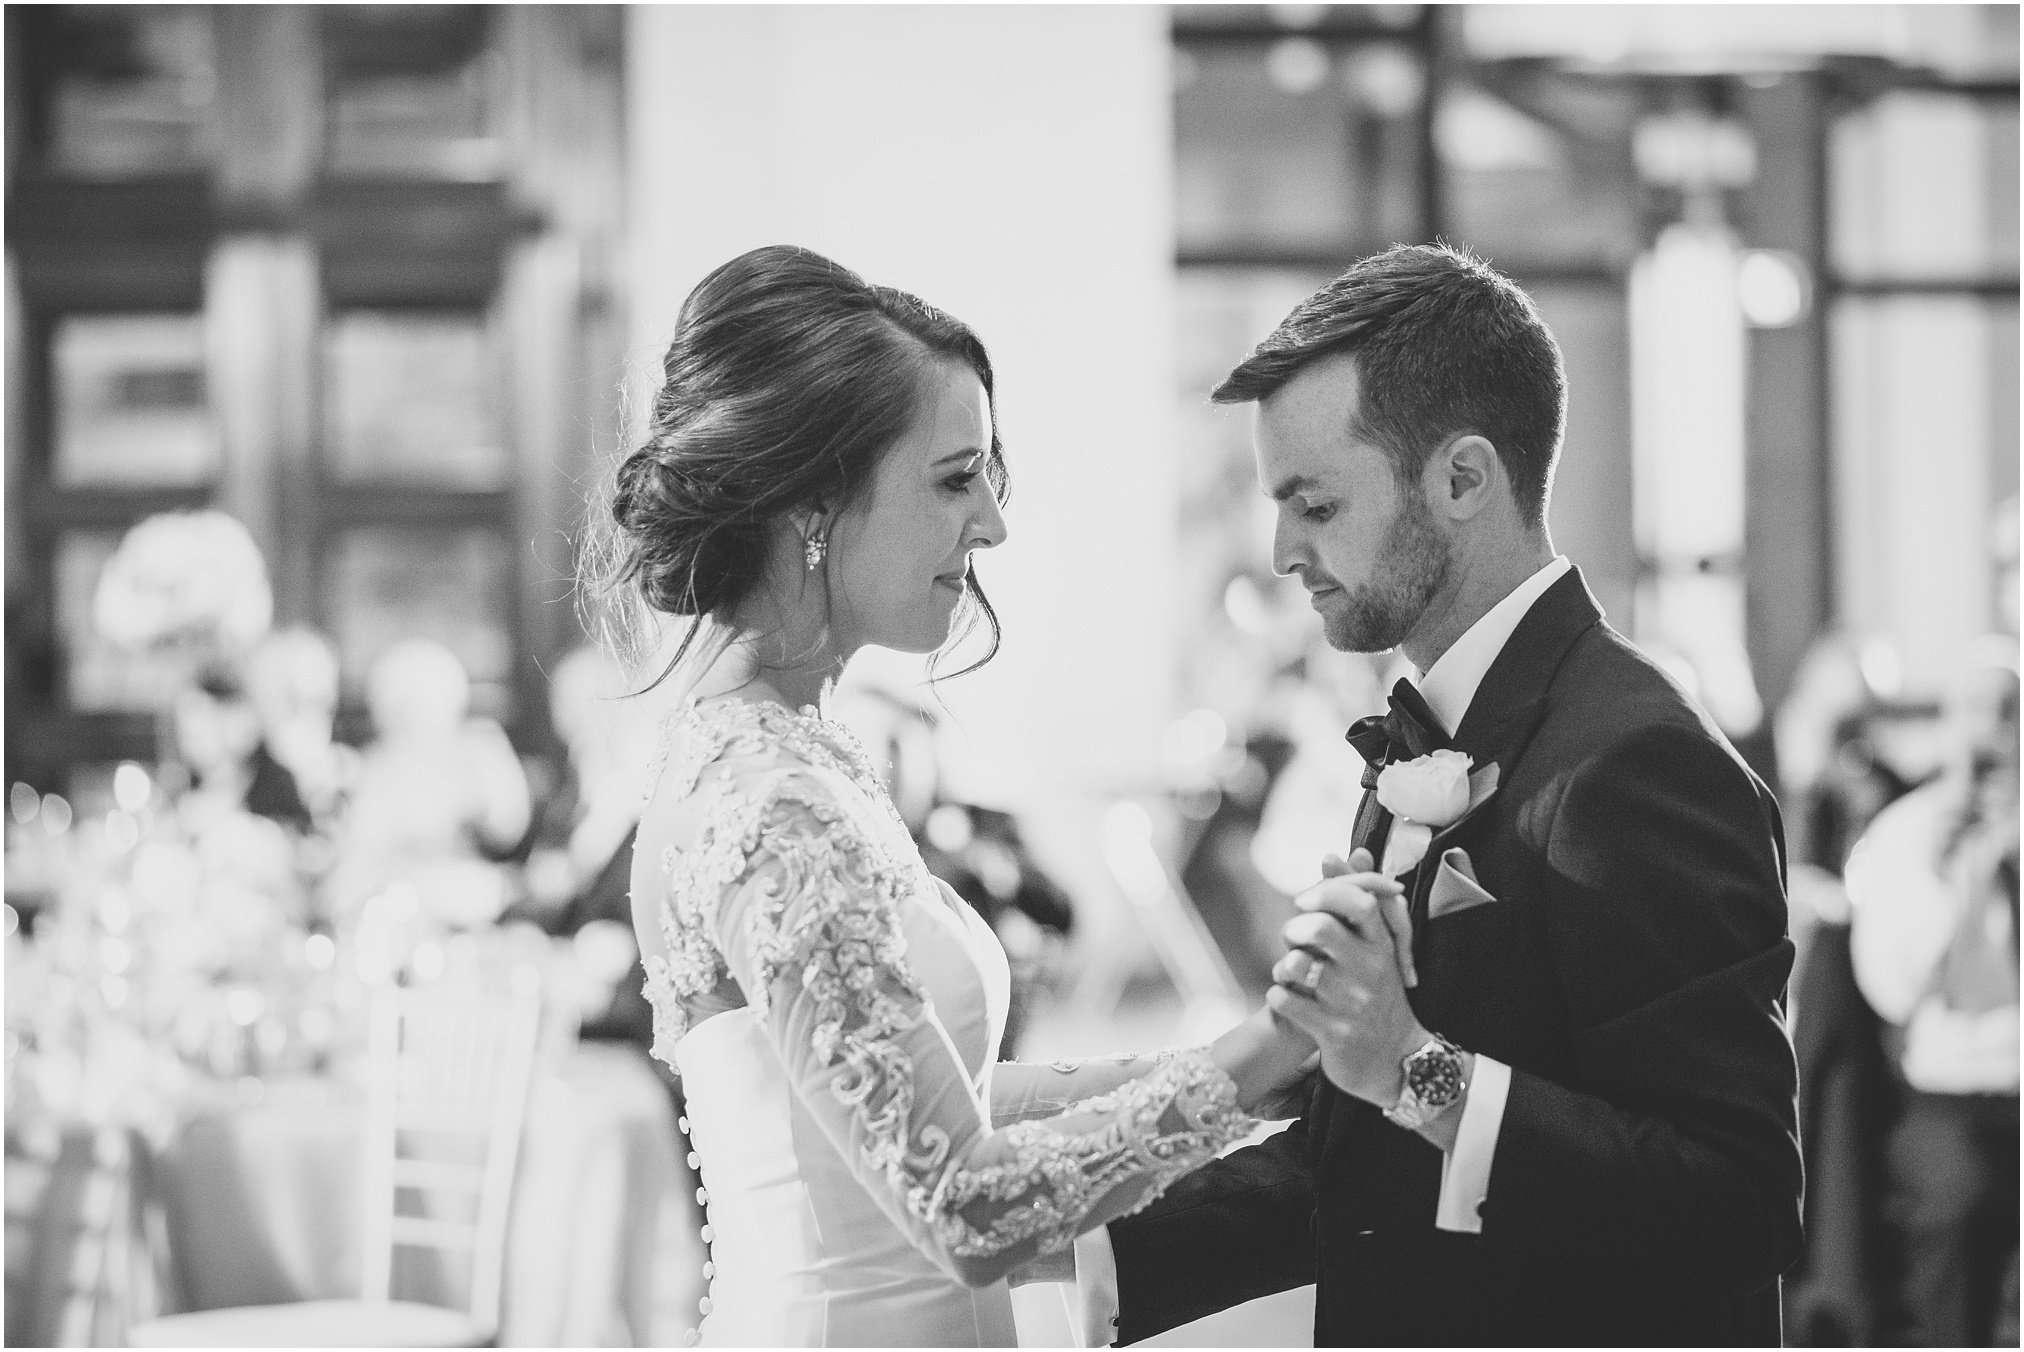 Spring Wedding at the Ohio Statehouse | Columbus Ohio Photography 212